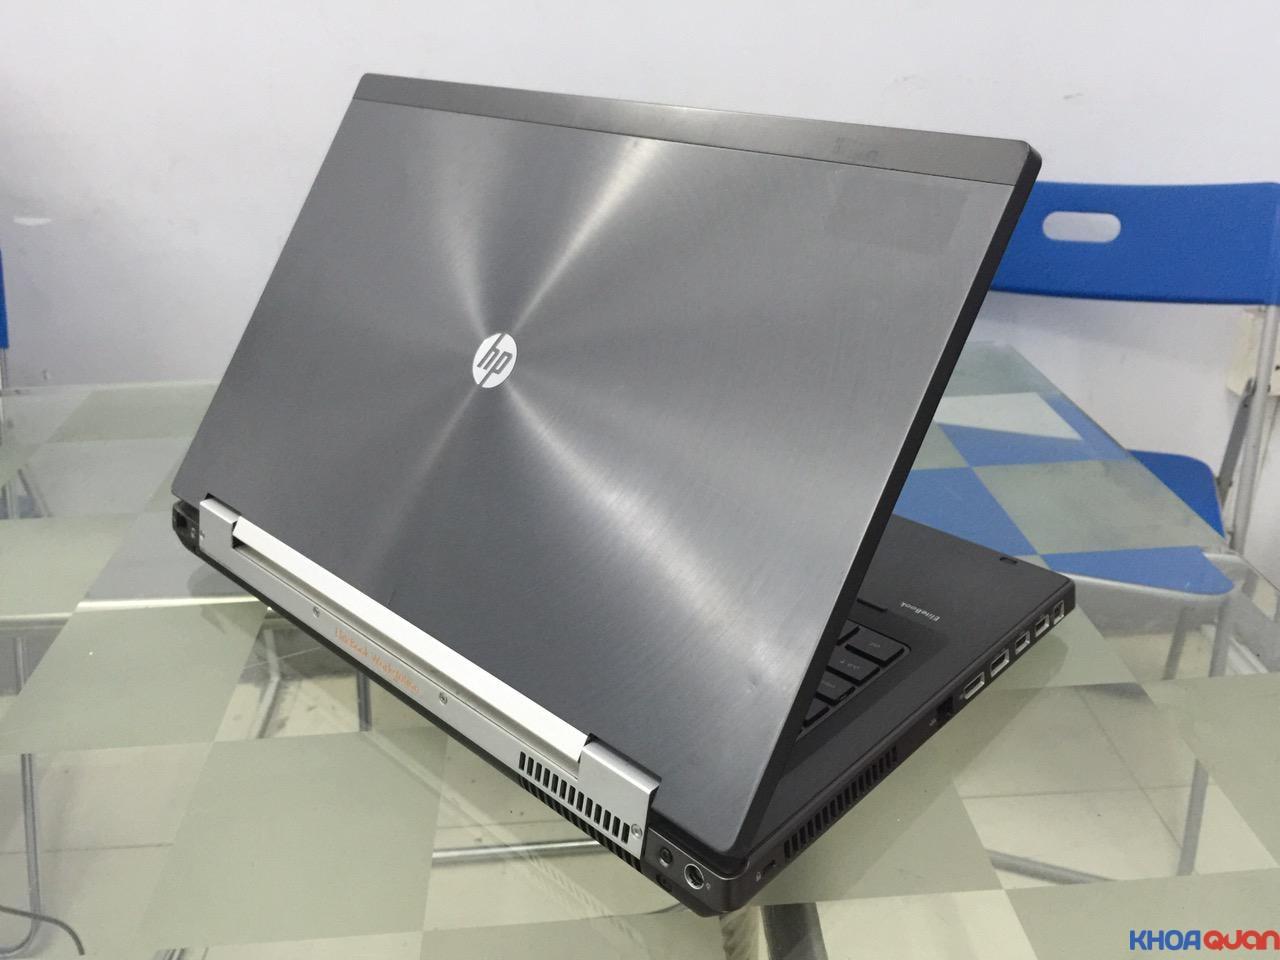 HP Elitebook 8760W-i7-17-2